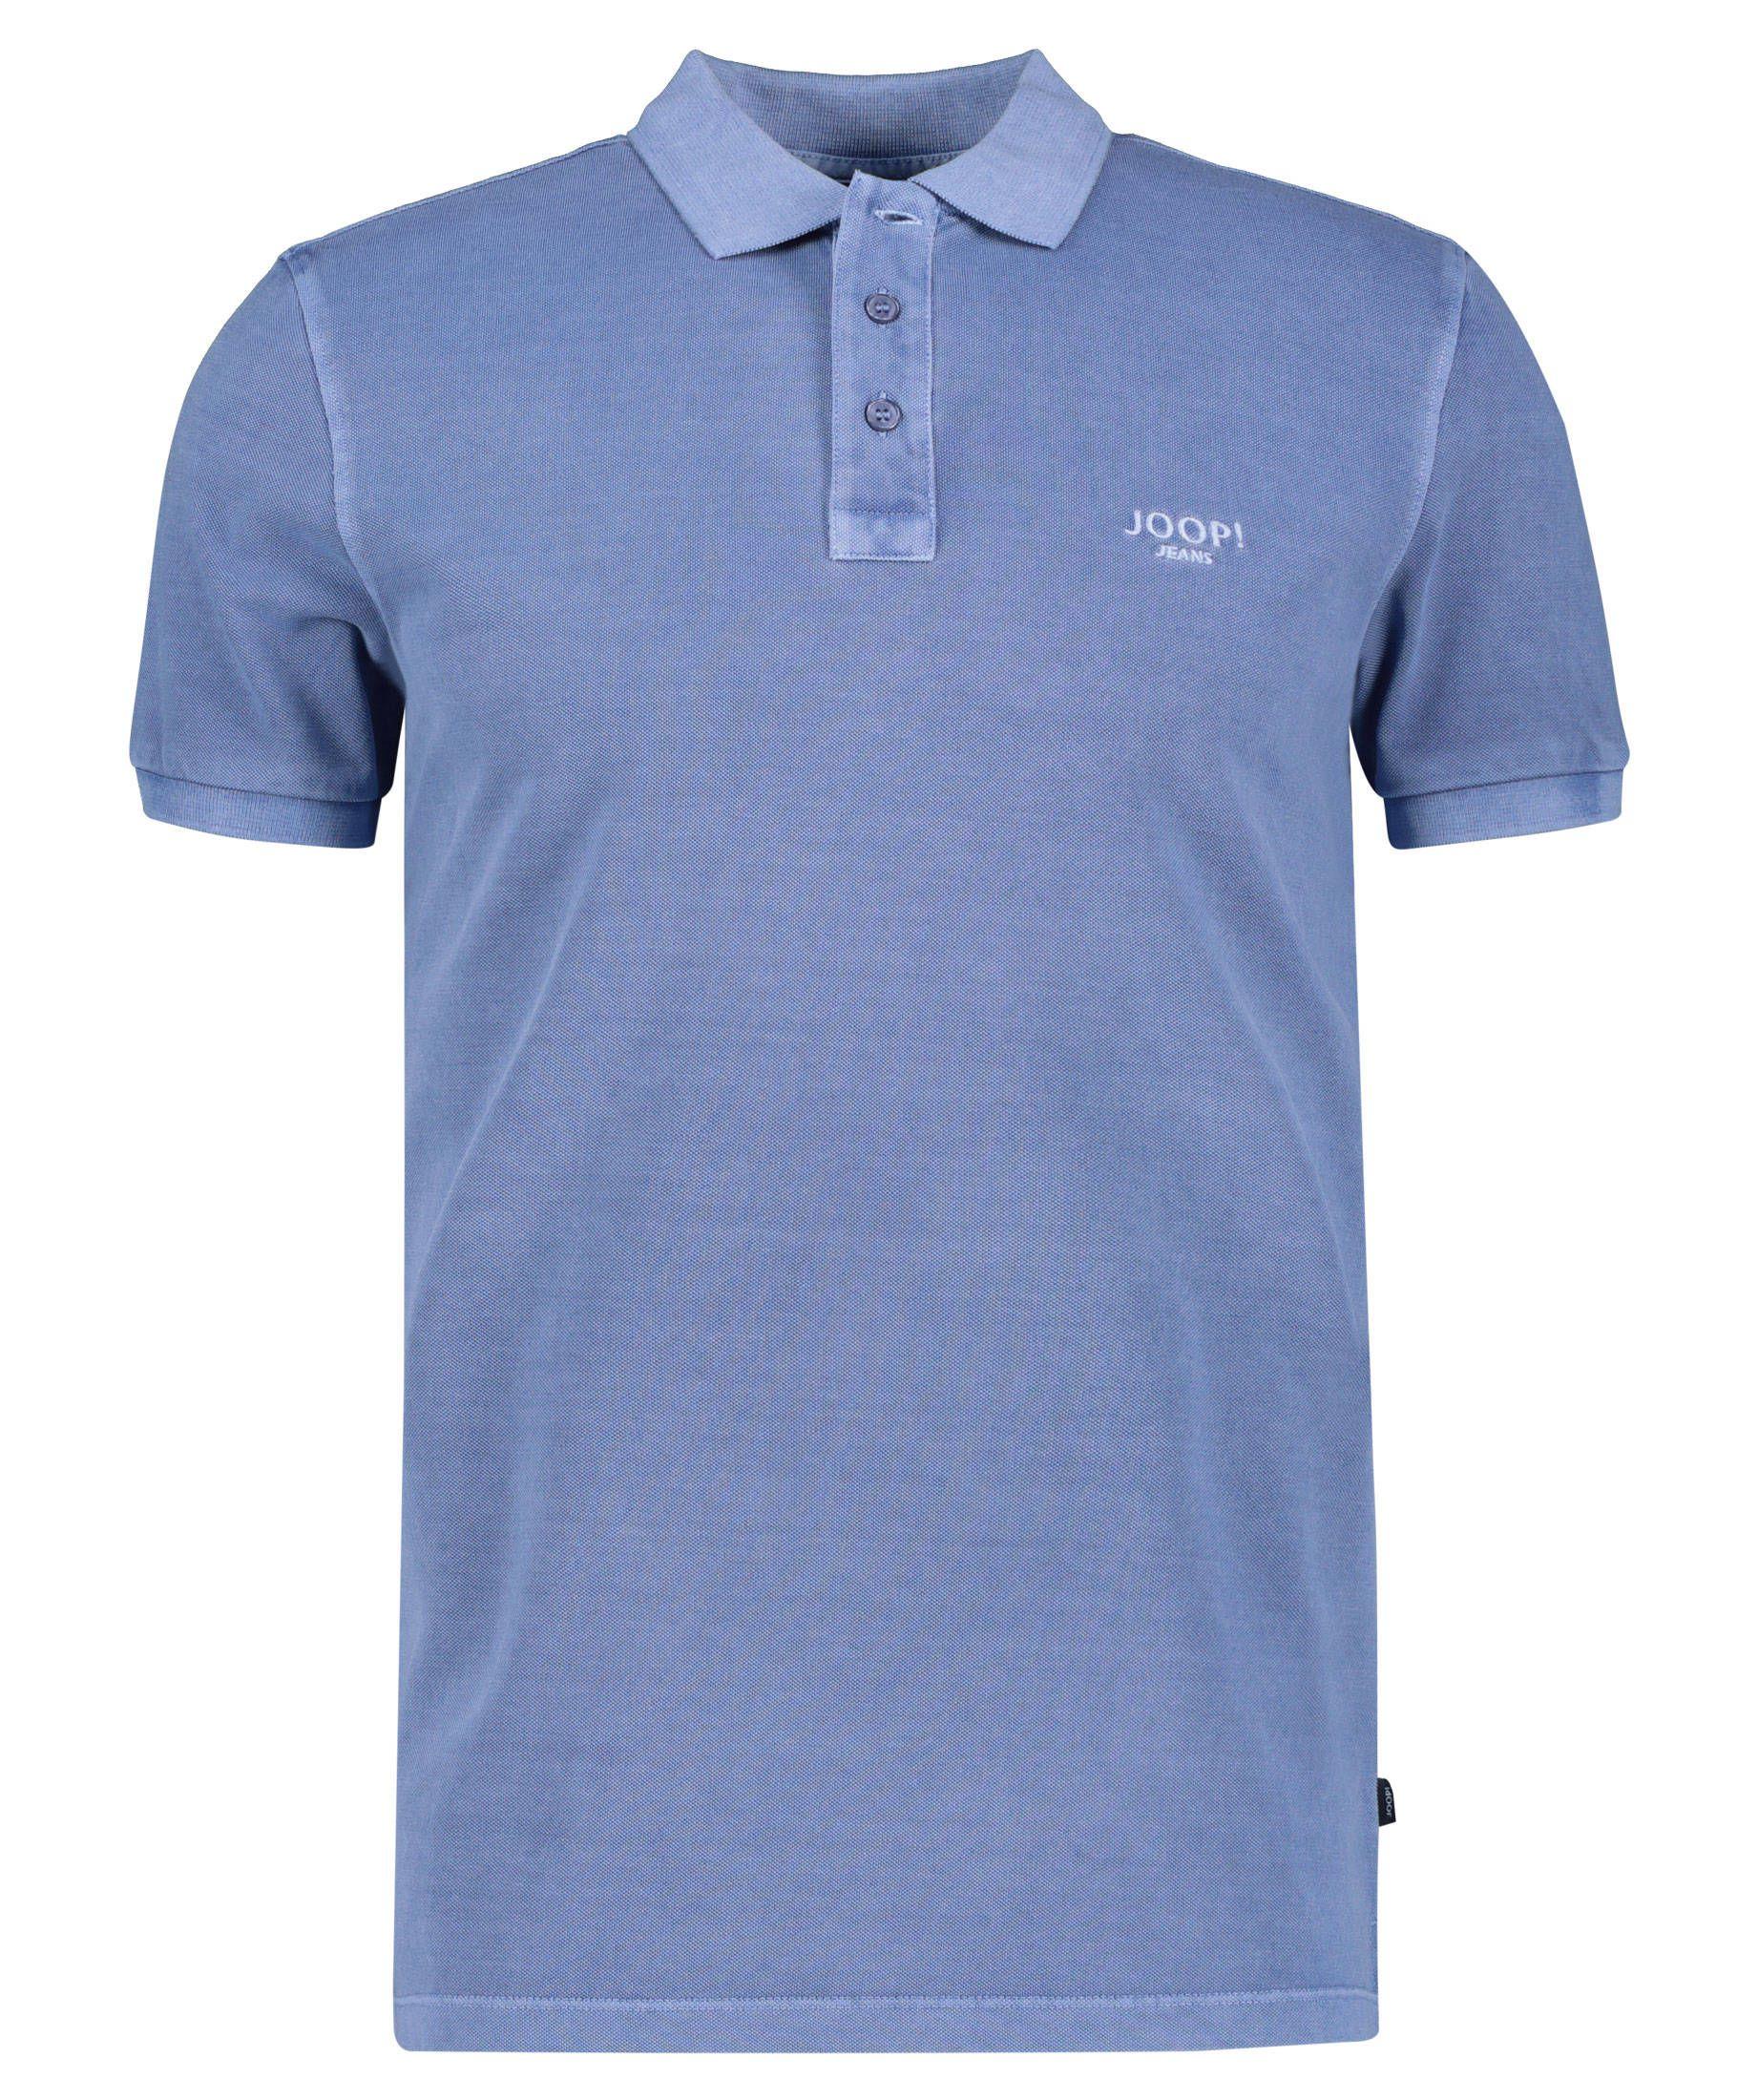 JOOP Ambrosio Poloshirt aus Baumwoll Piqué in Blau für 47,92€ (statt 56€)